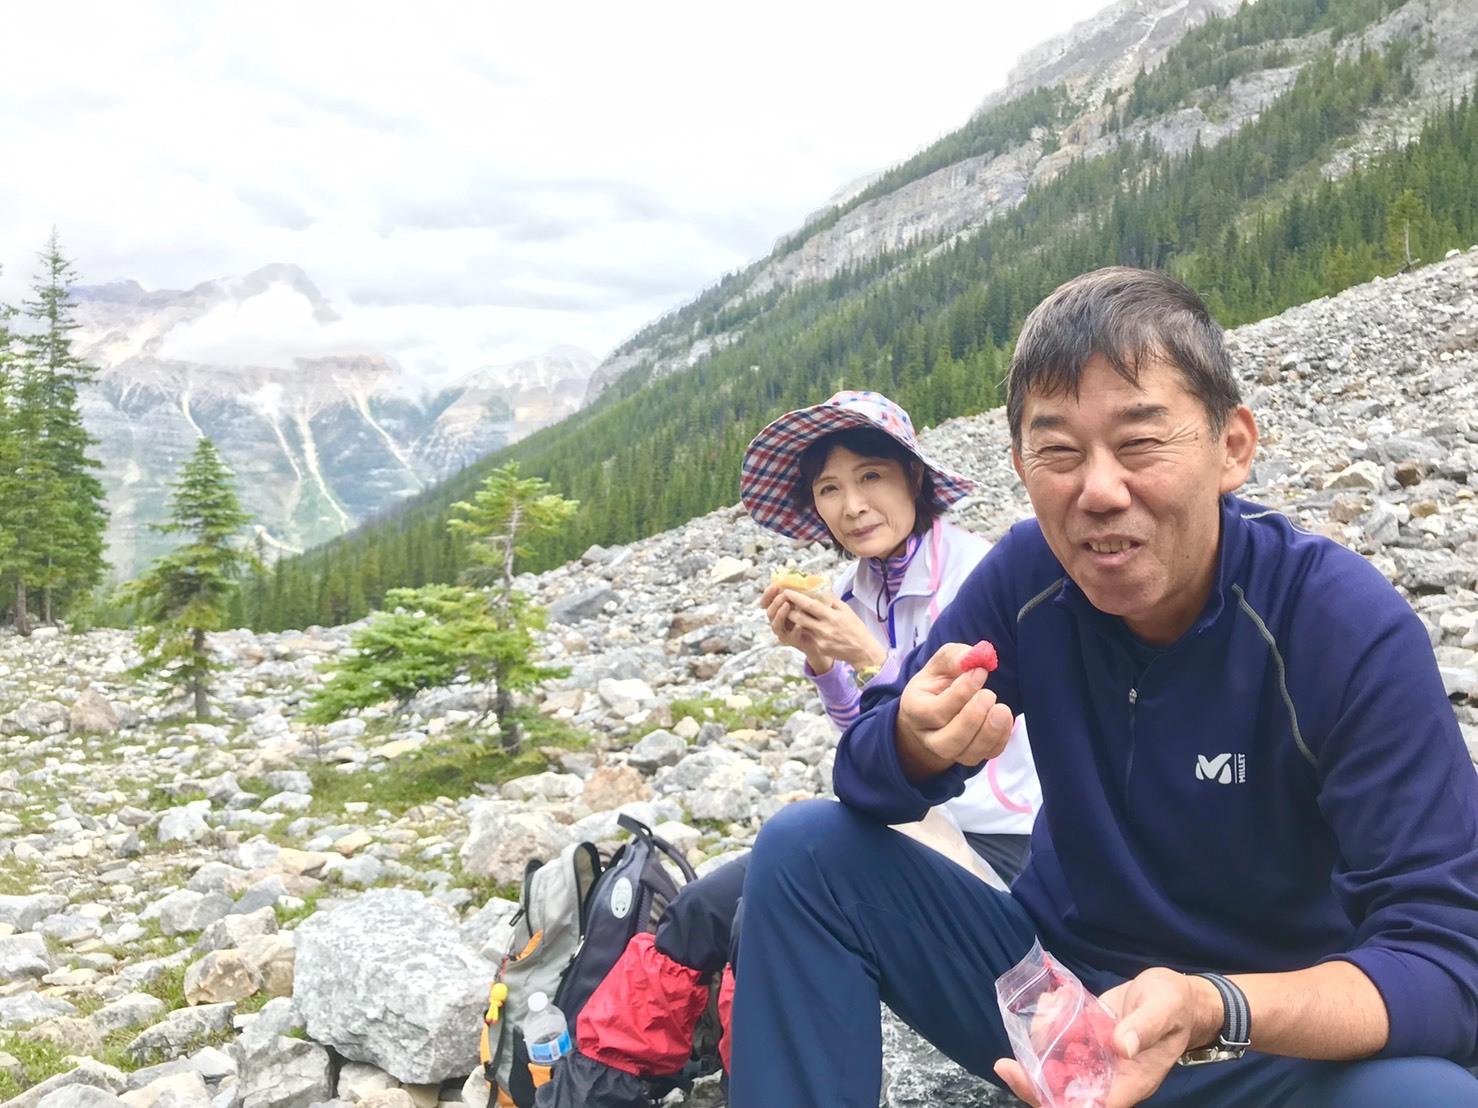 出会いの山旅!坂井夫妻と行く5日間のロッキーハイキング_d0112928_12374194.jpg